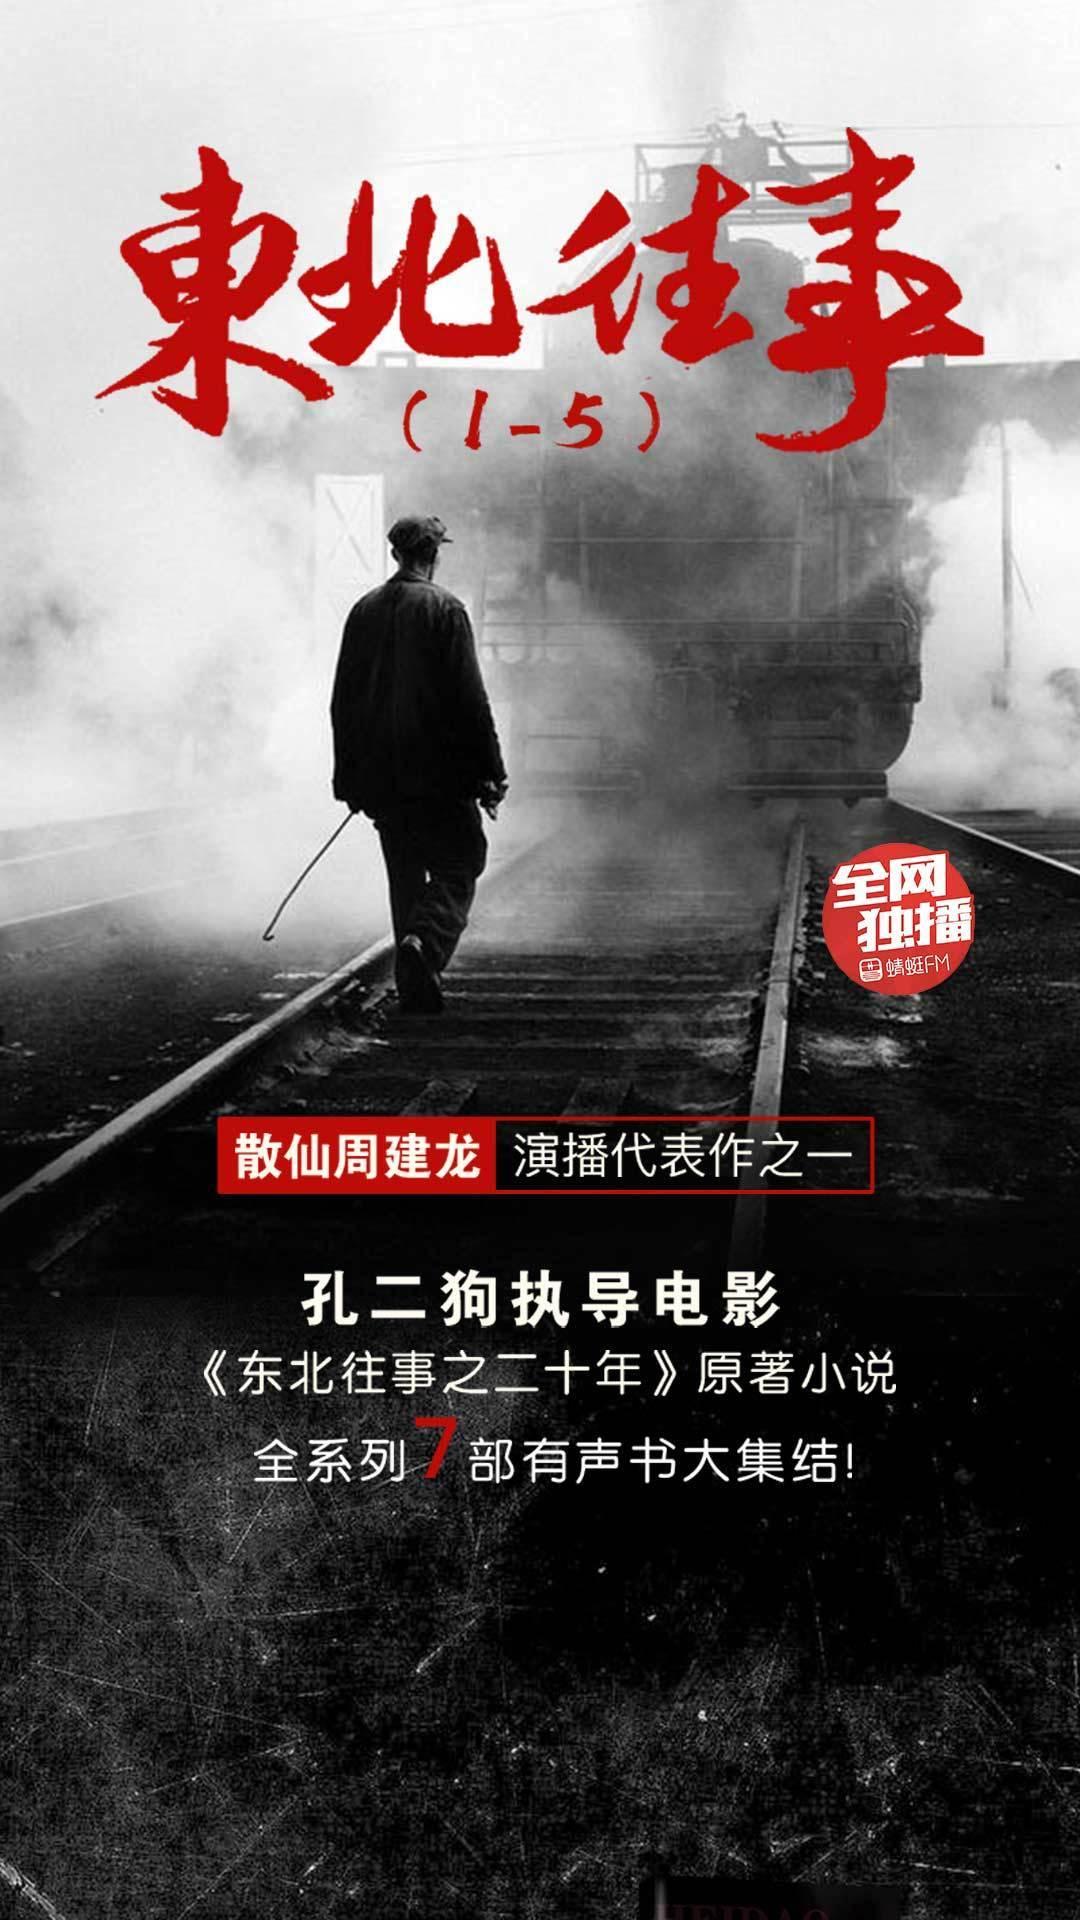 《东北往事黑道风云二十年(1-5部)》有声小说周建龙播讲